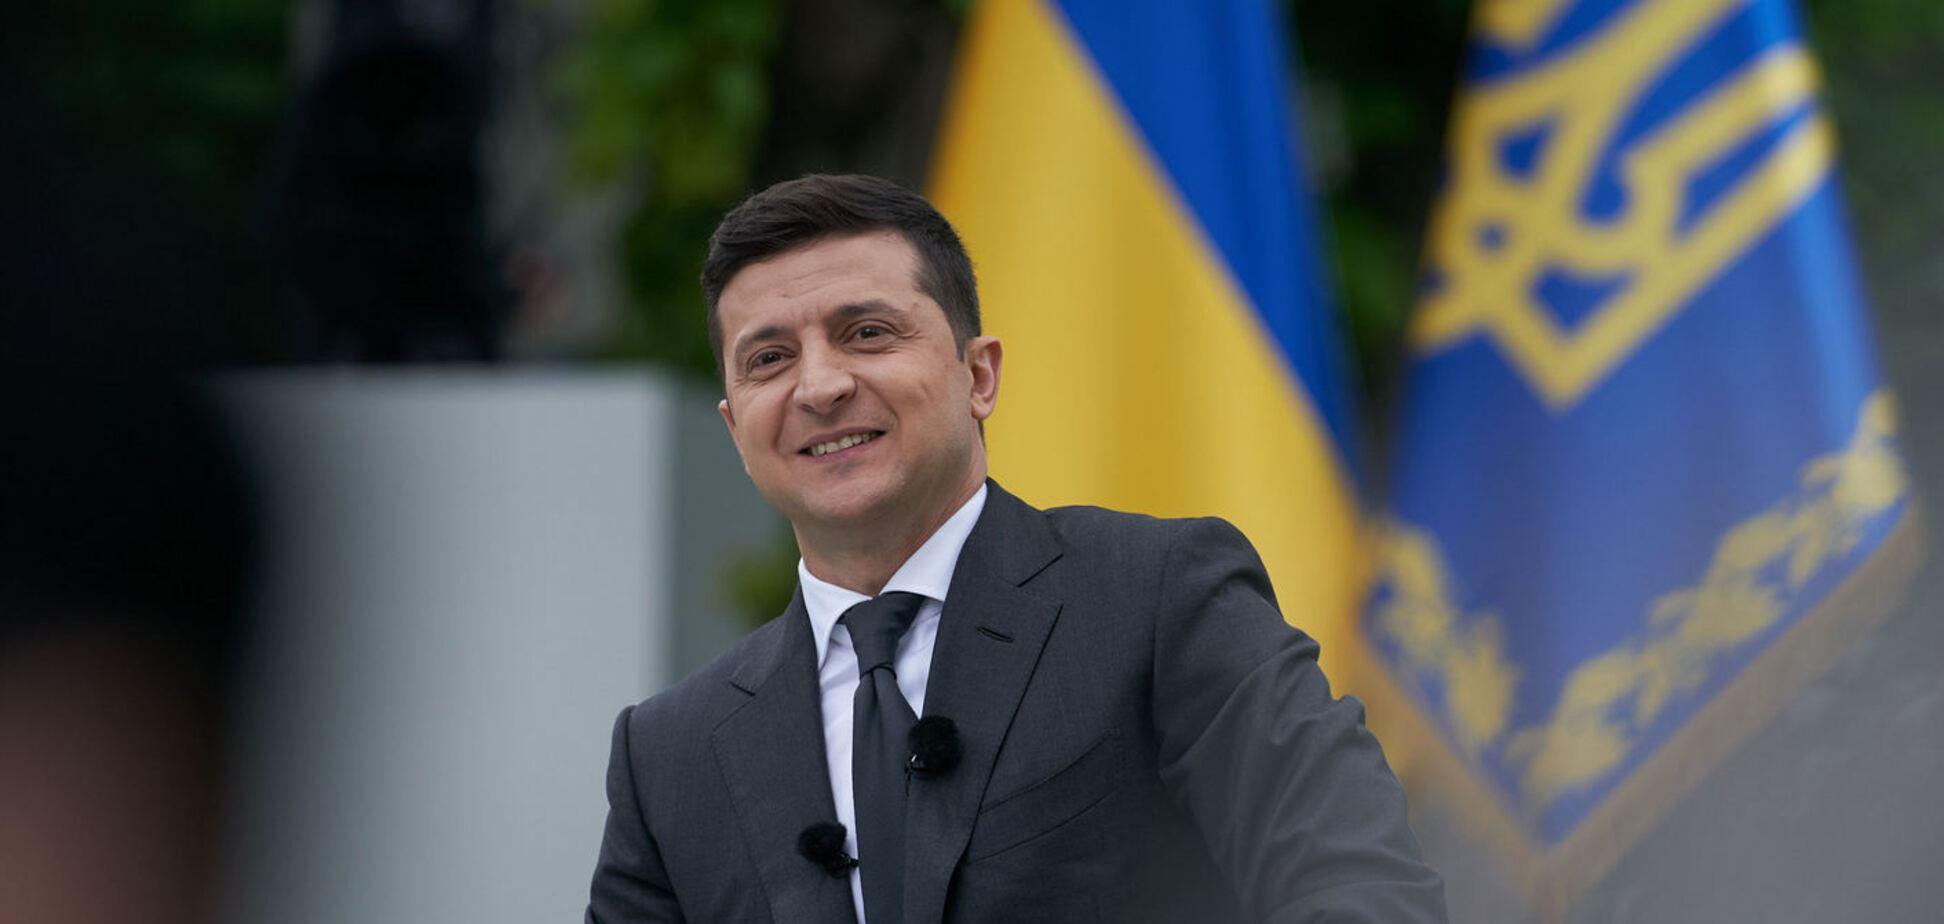 Первый год президентства Зеленского позитивно оценили более трети украинцев